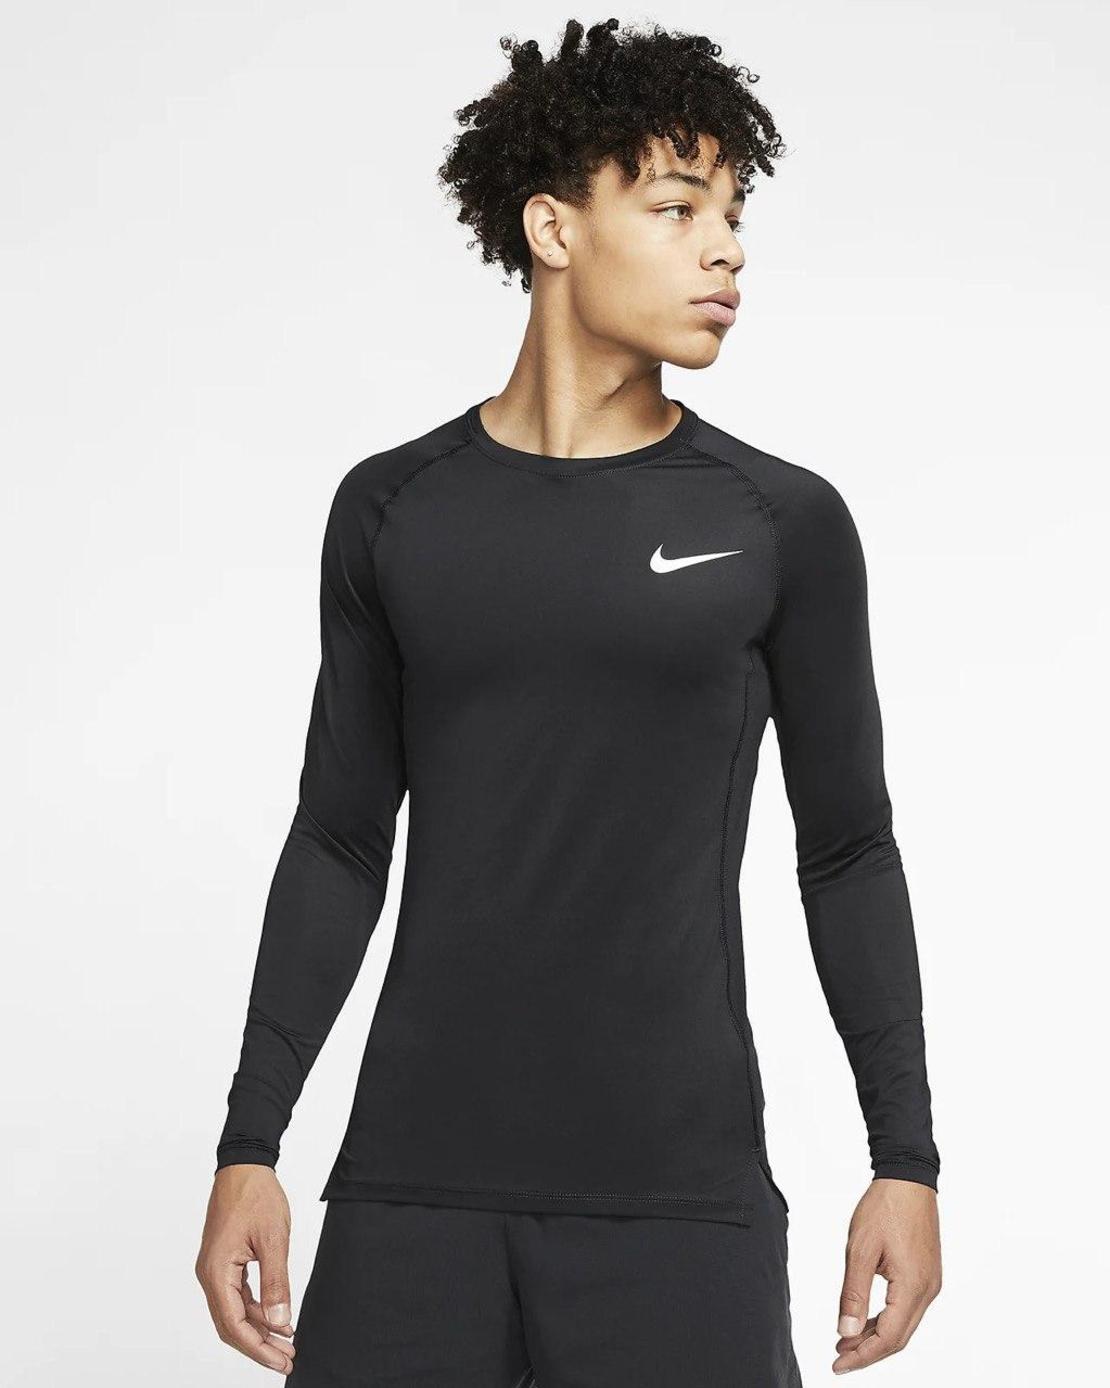 חולצת נייק לגברים   Nike Pro Men's Tight-Fit Long-Sleeve Top